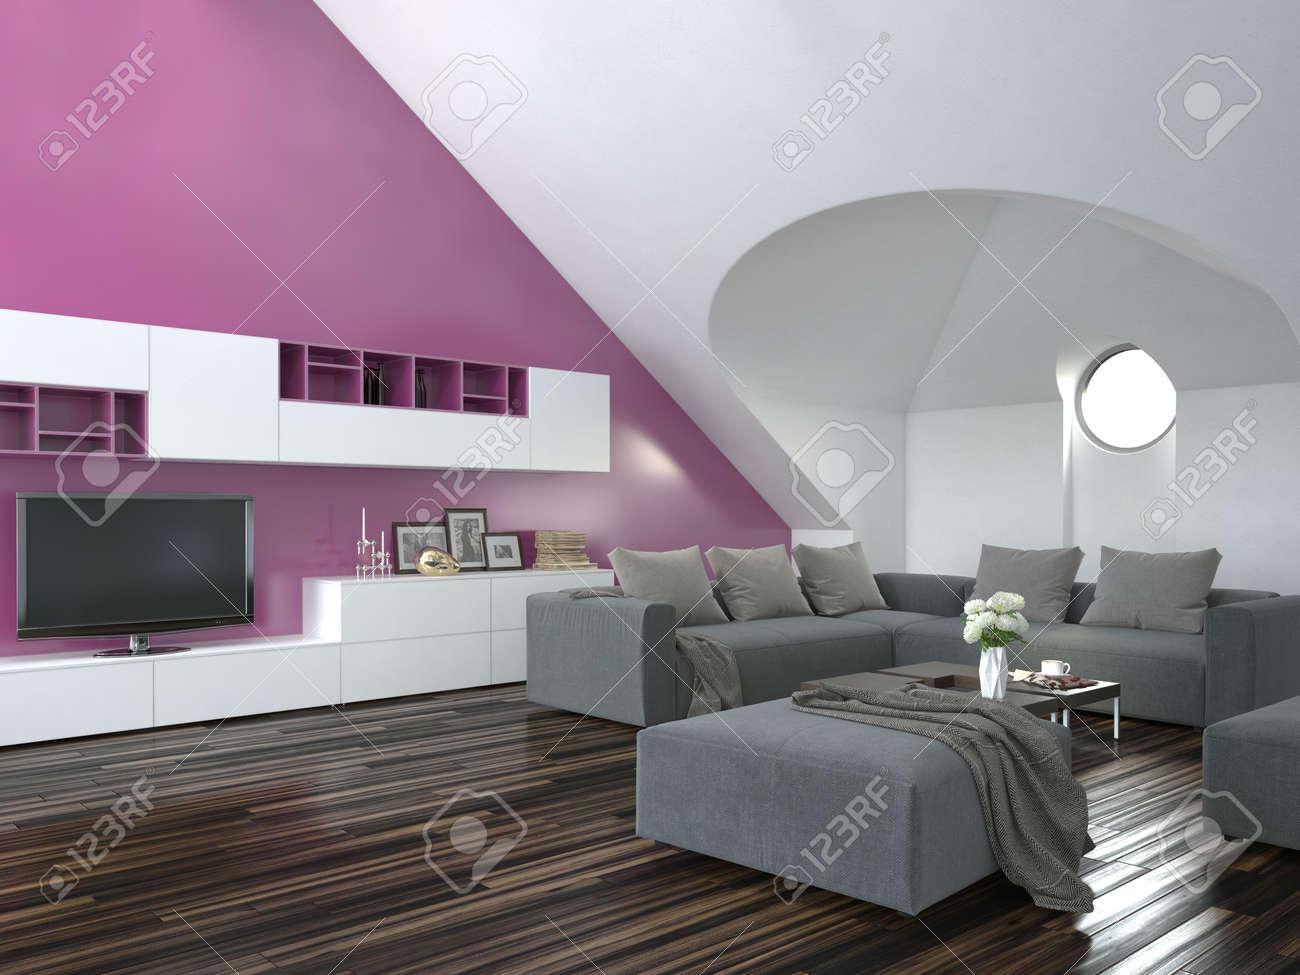 woonkamer paars – artsmedia, Deco ideeën